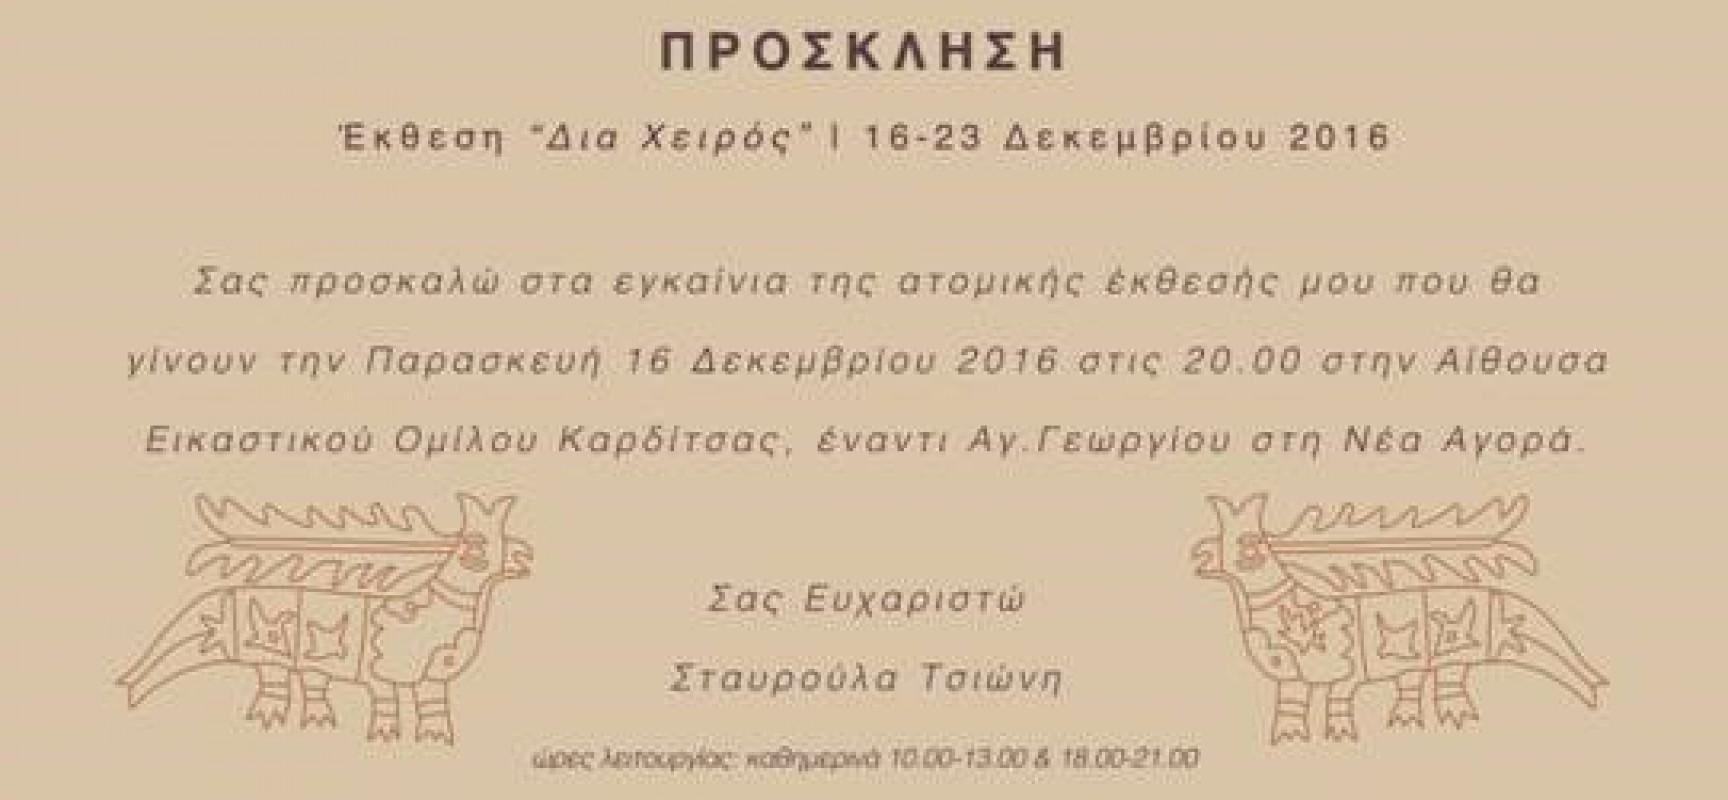 Έκθεση «Διά Χειρός» της Σταυρούλας Τσιώνη 16-23 Δεκεμβρίου 2016